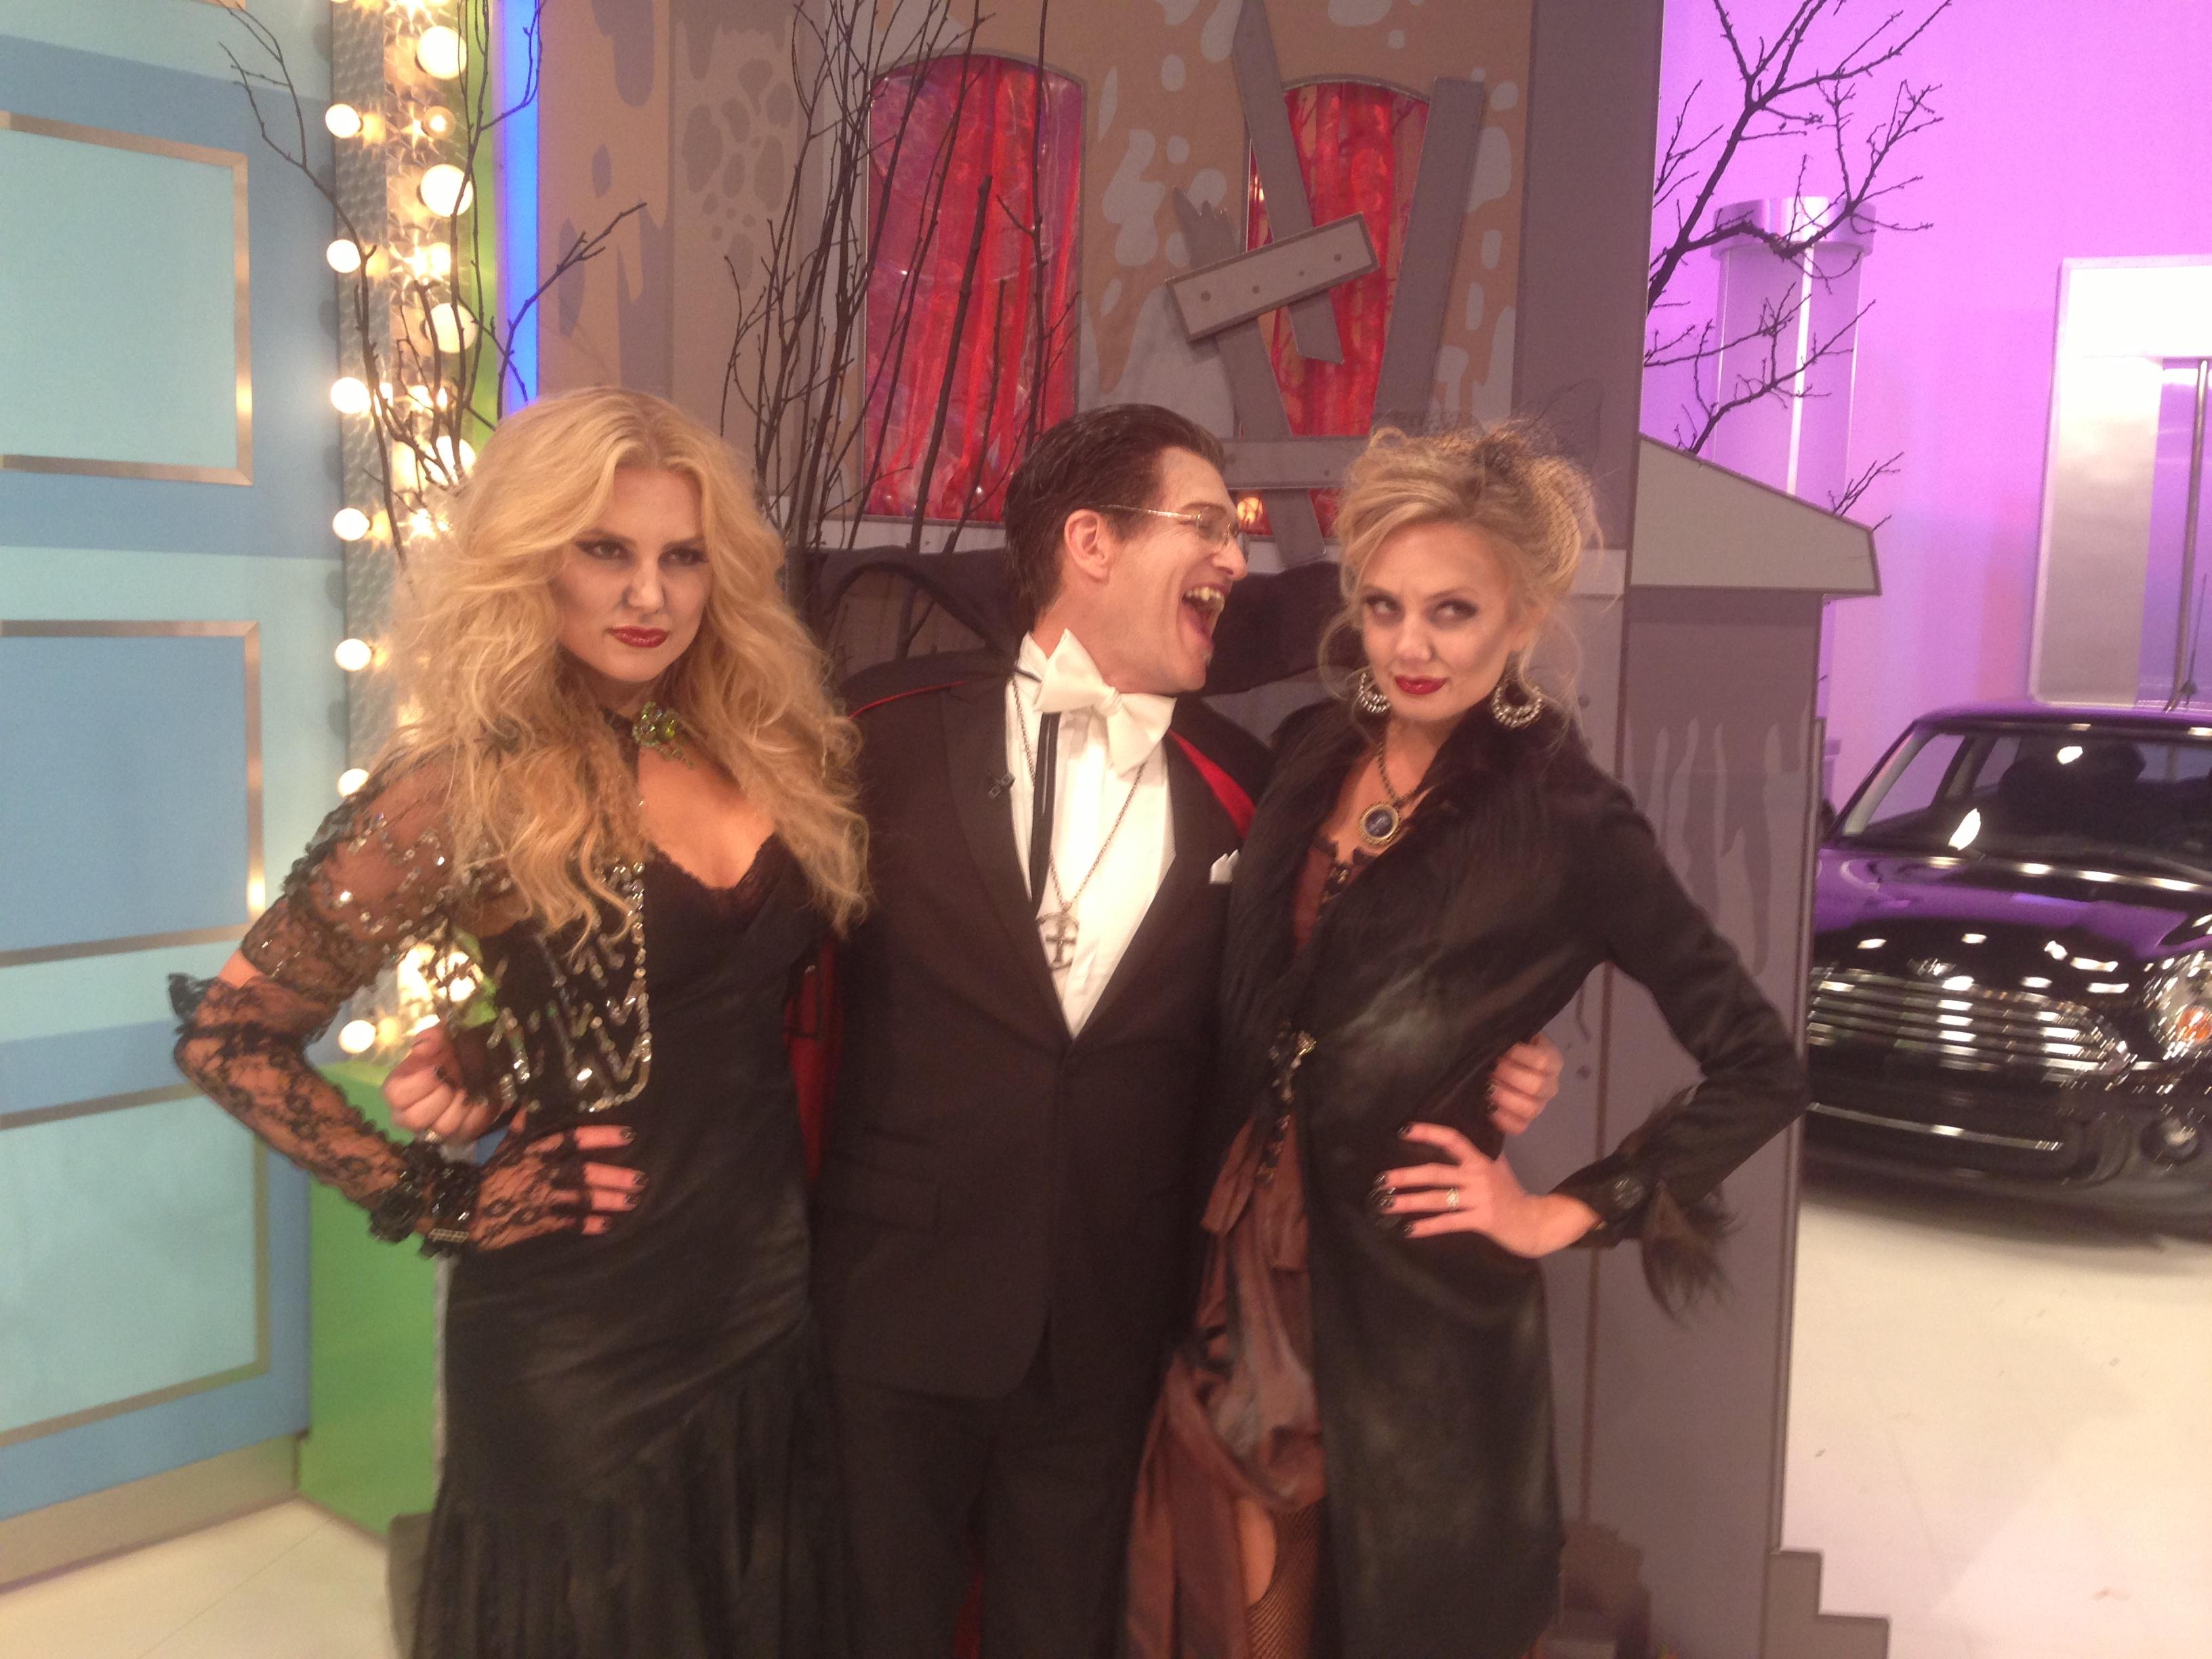 Drew, Rachel, and Melissa